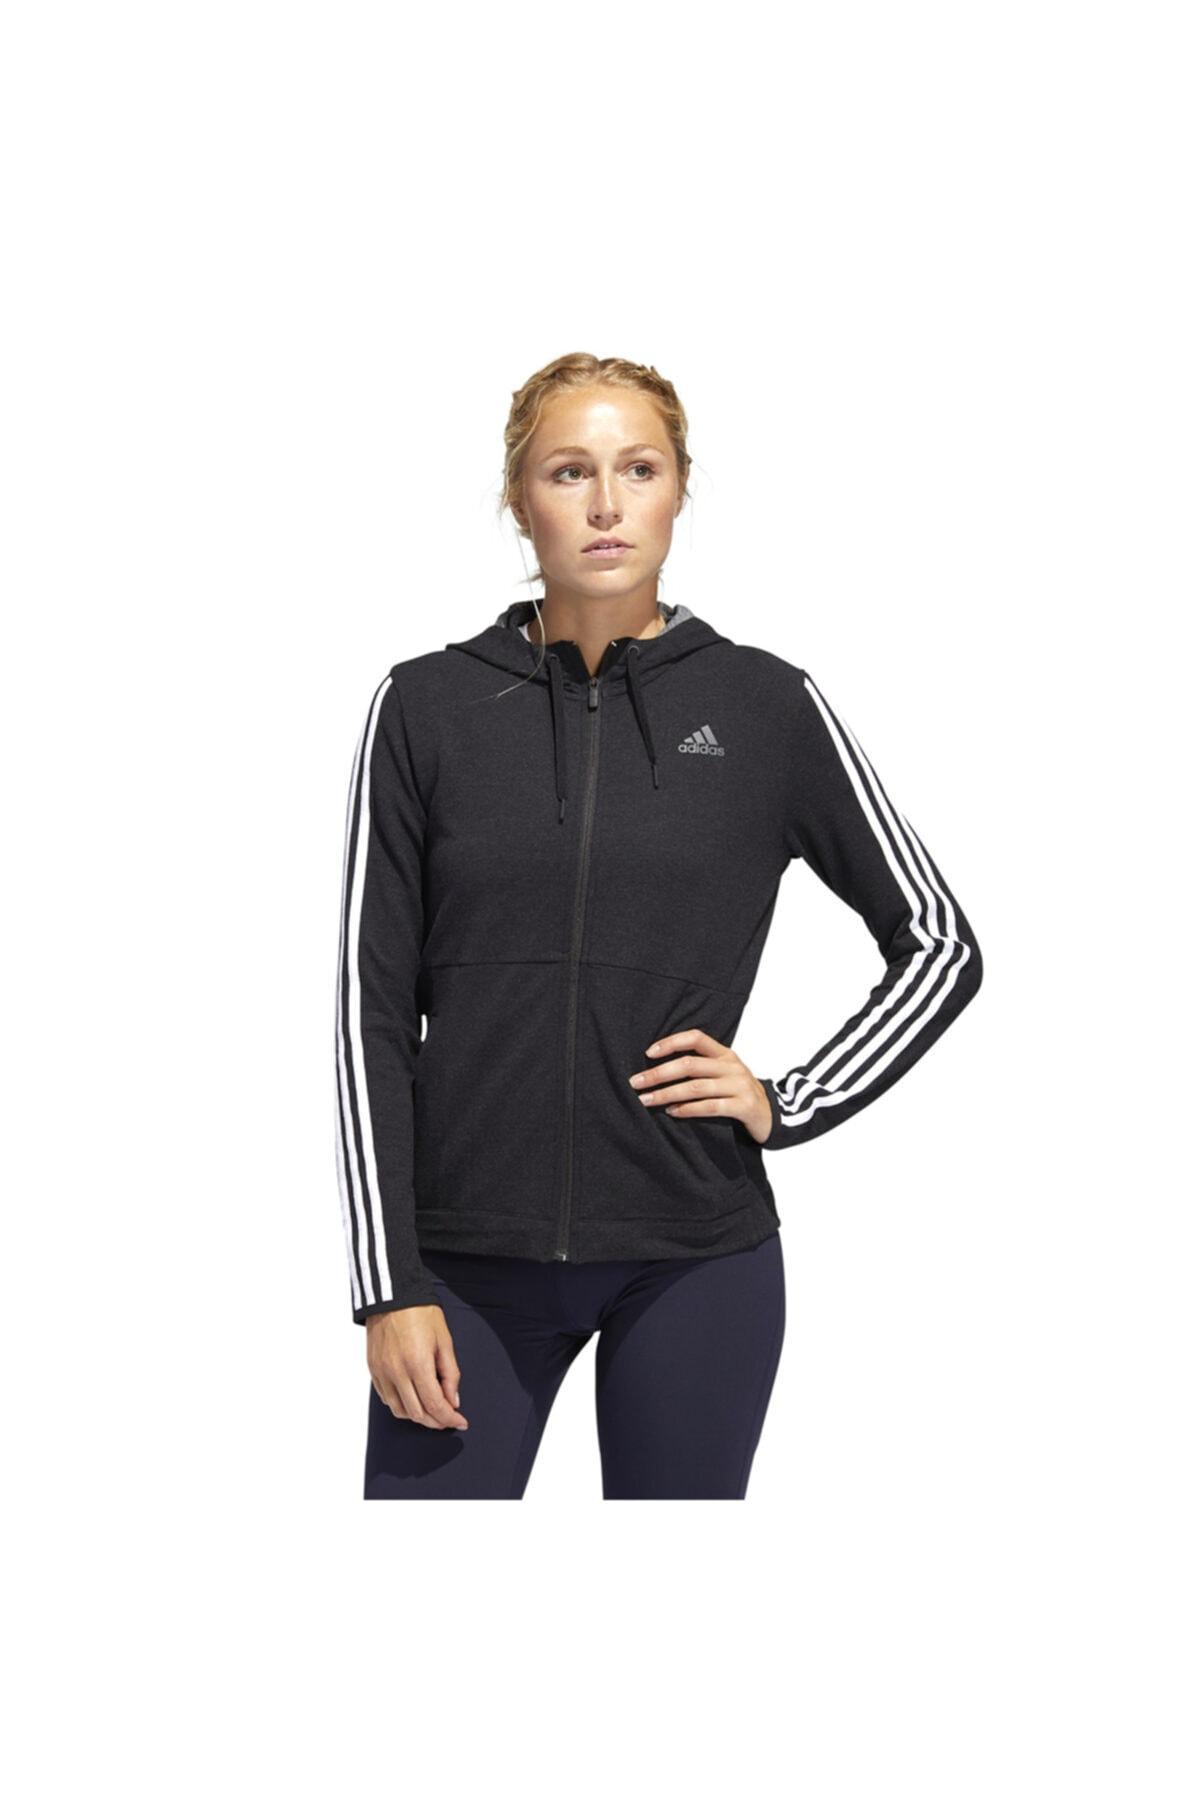 adidas Kadın Siyah 3s Knt Fz Hoody Antrenman Sweatshirt Fj7316 1